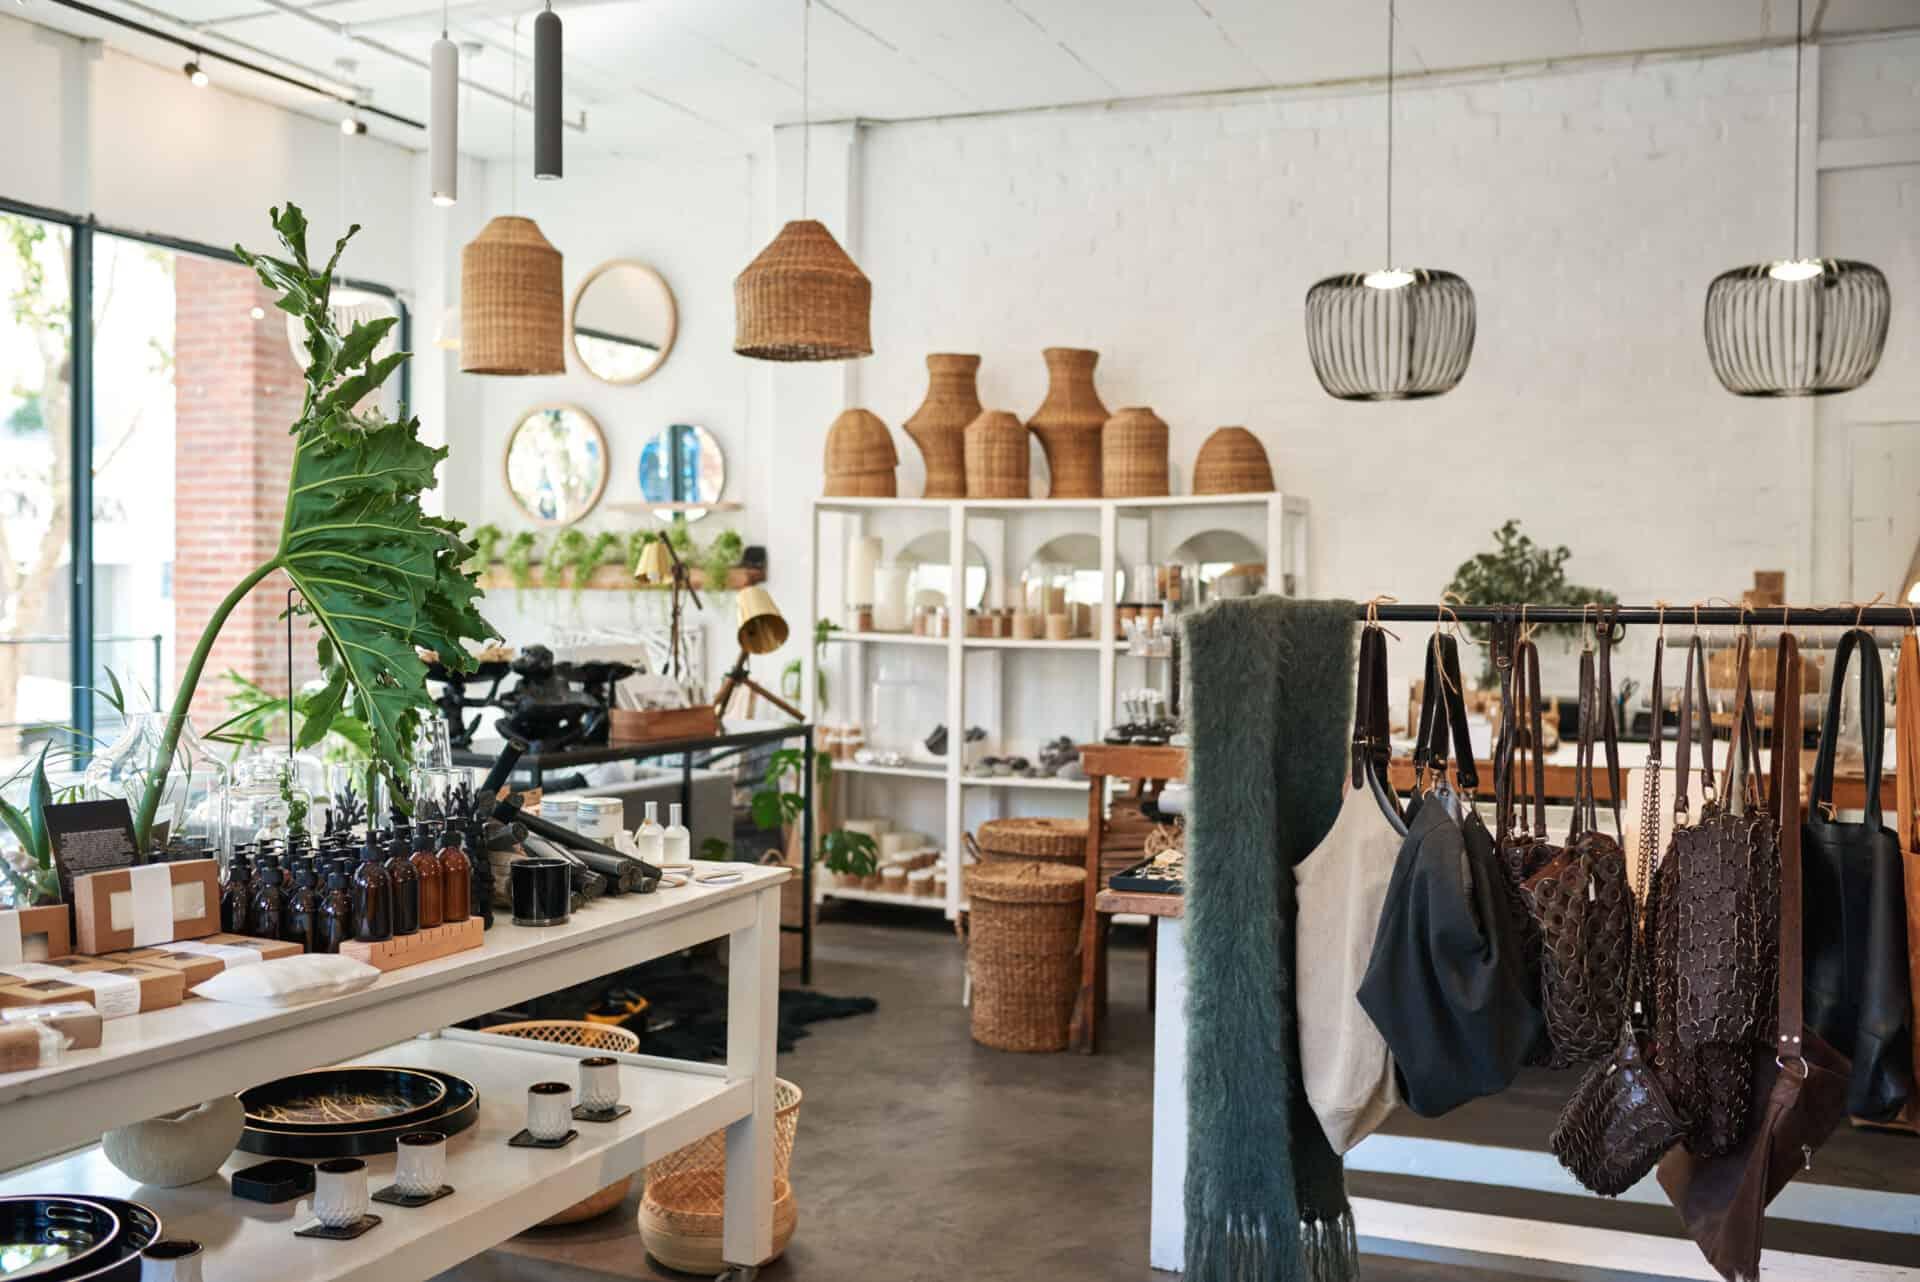 Auch für kleine Mode- oder Deko-Läden kann eine Geschäftsinhaltsversicherung bedeutend sein.